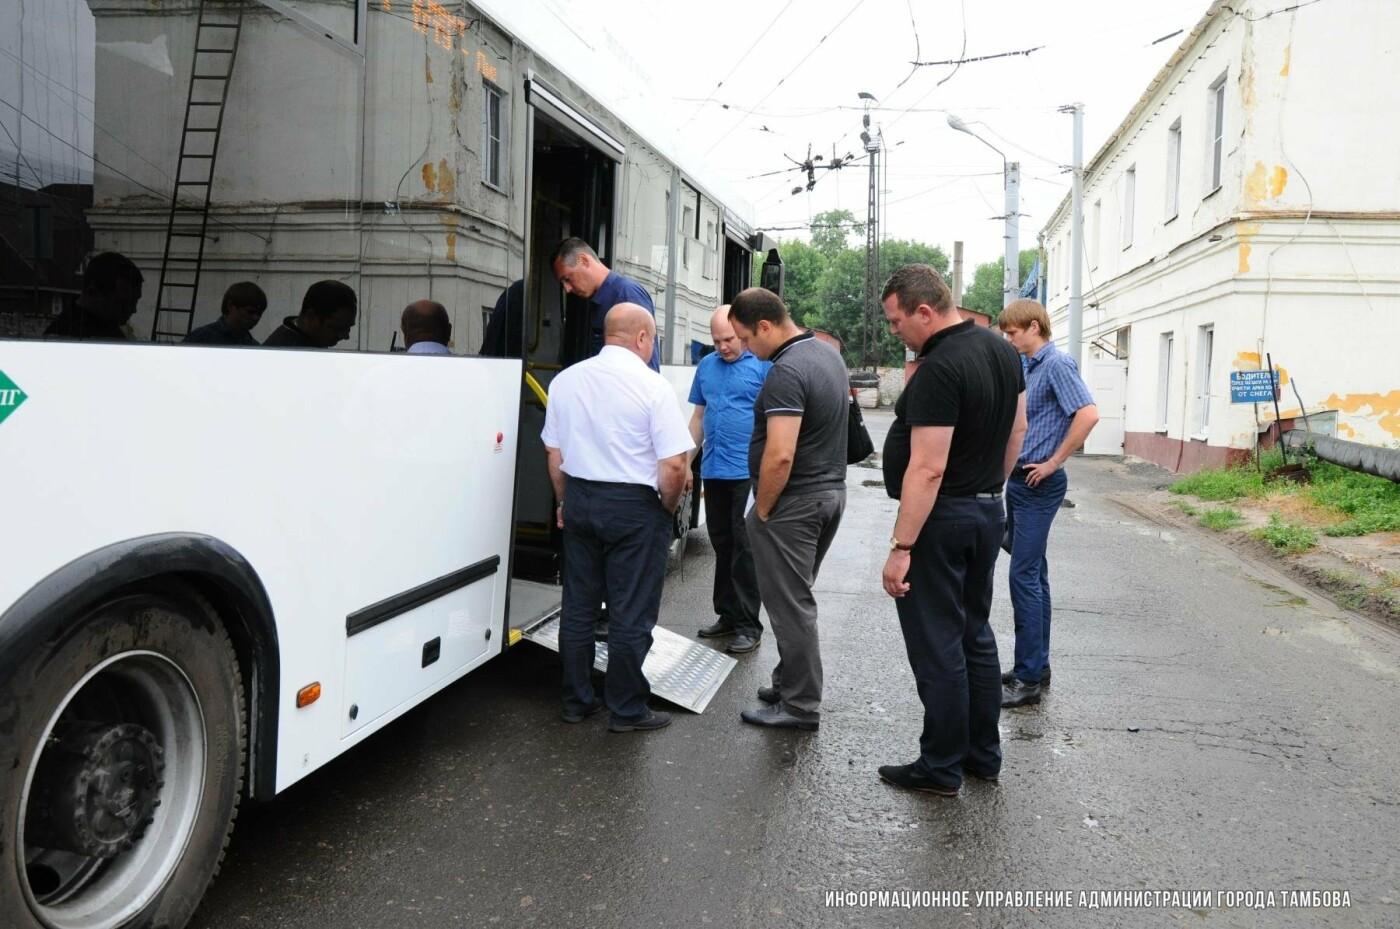 В Тамбове на маршруты выйдут 6 новых автобусов, фото-1